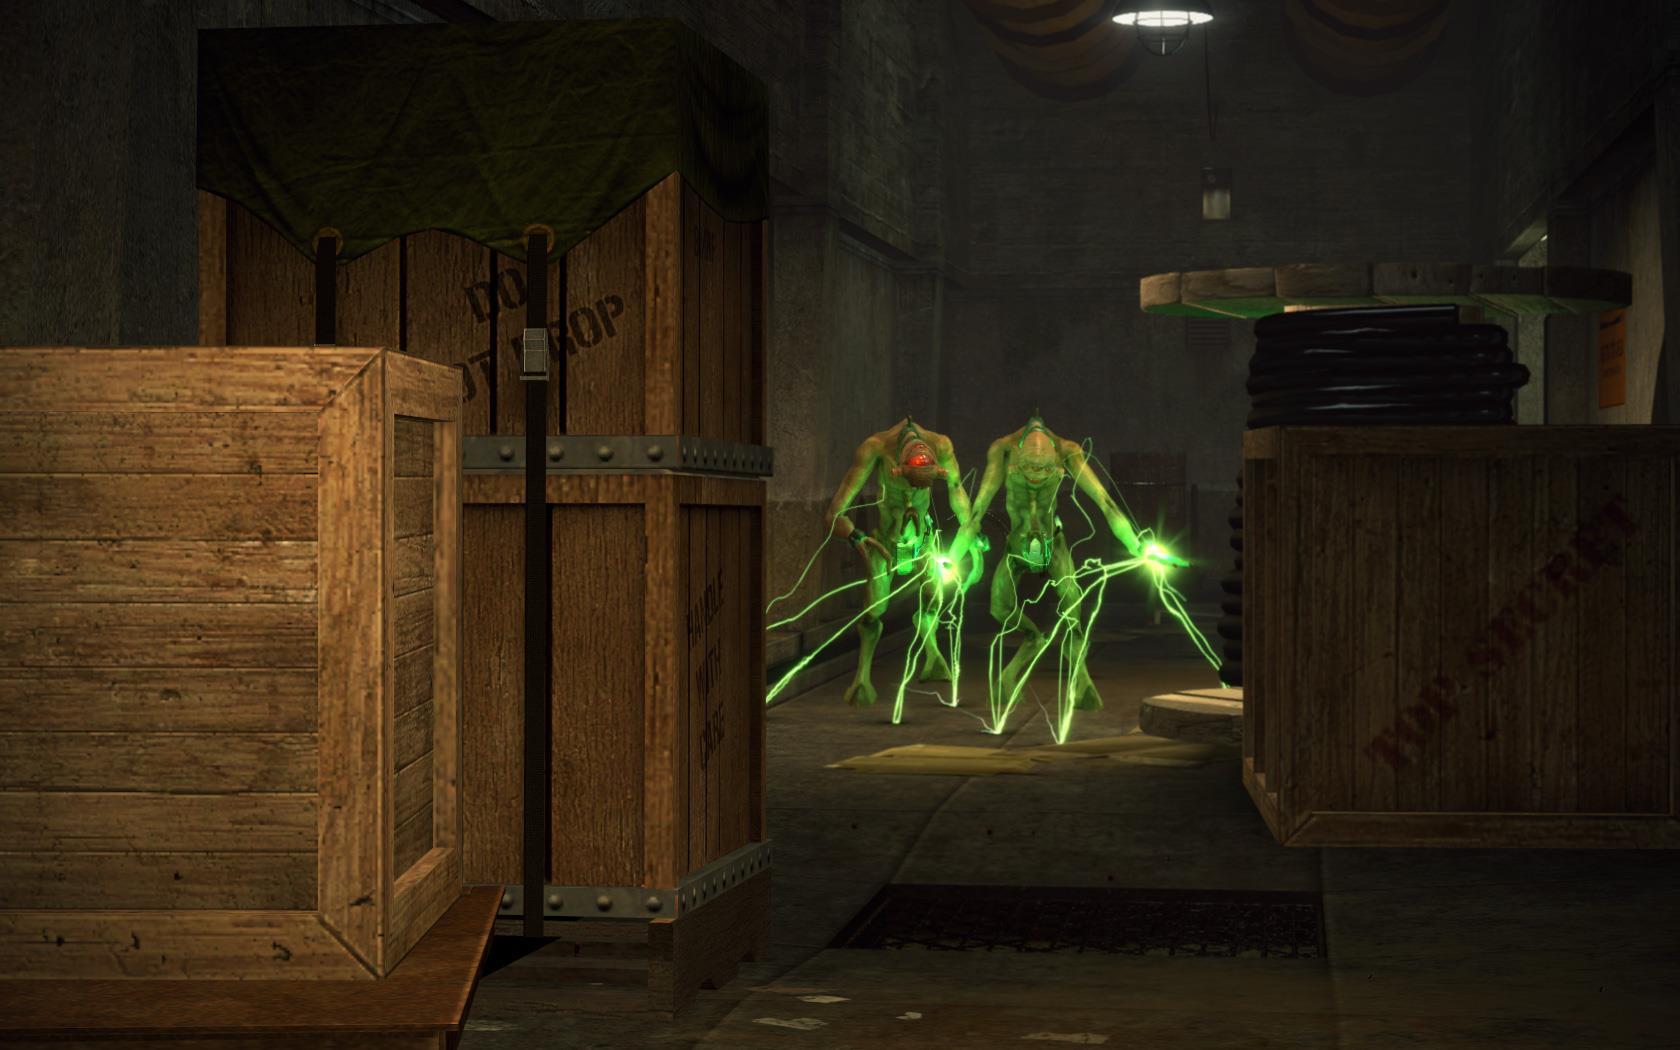 Nuevas imágenes de Black Mesa Source [Screenshots]